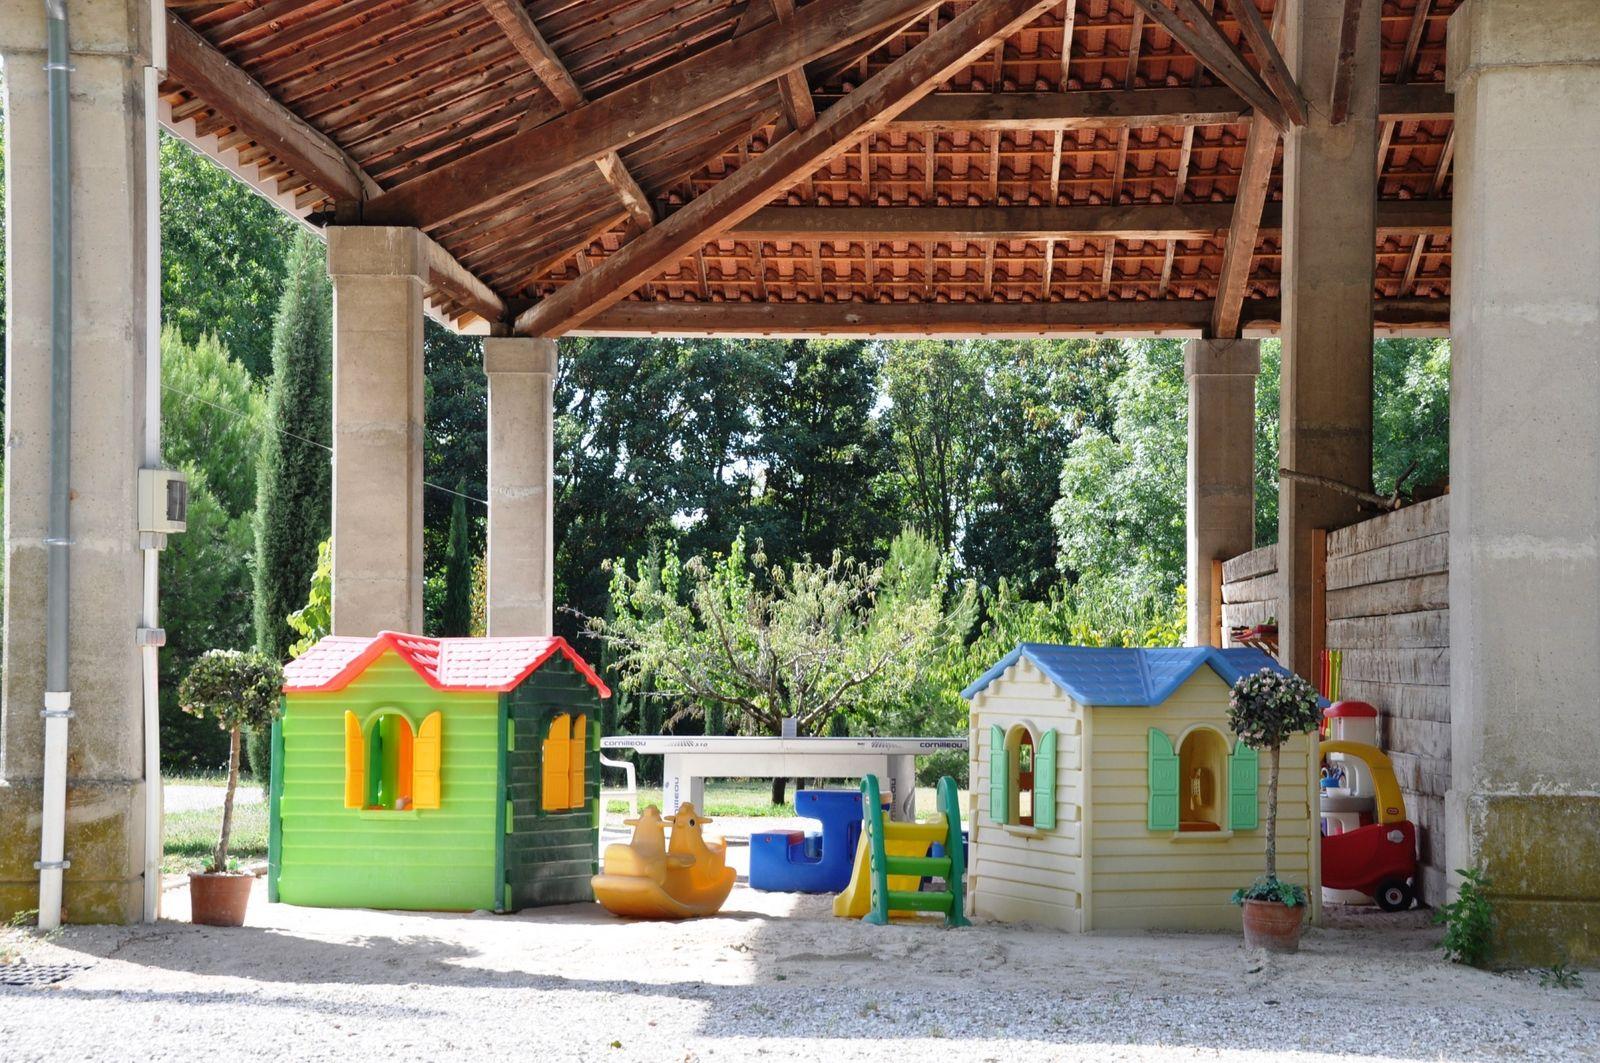 Afbeelding van Domaine de Valence - le Fruitier - voor gezinnen met kleine kinderen